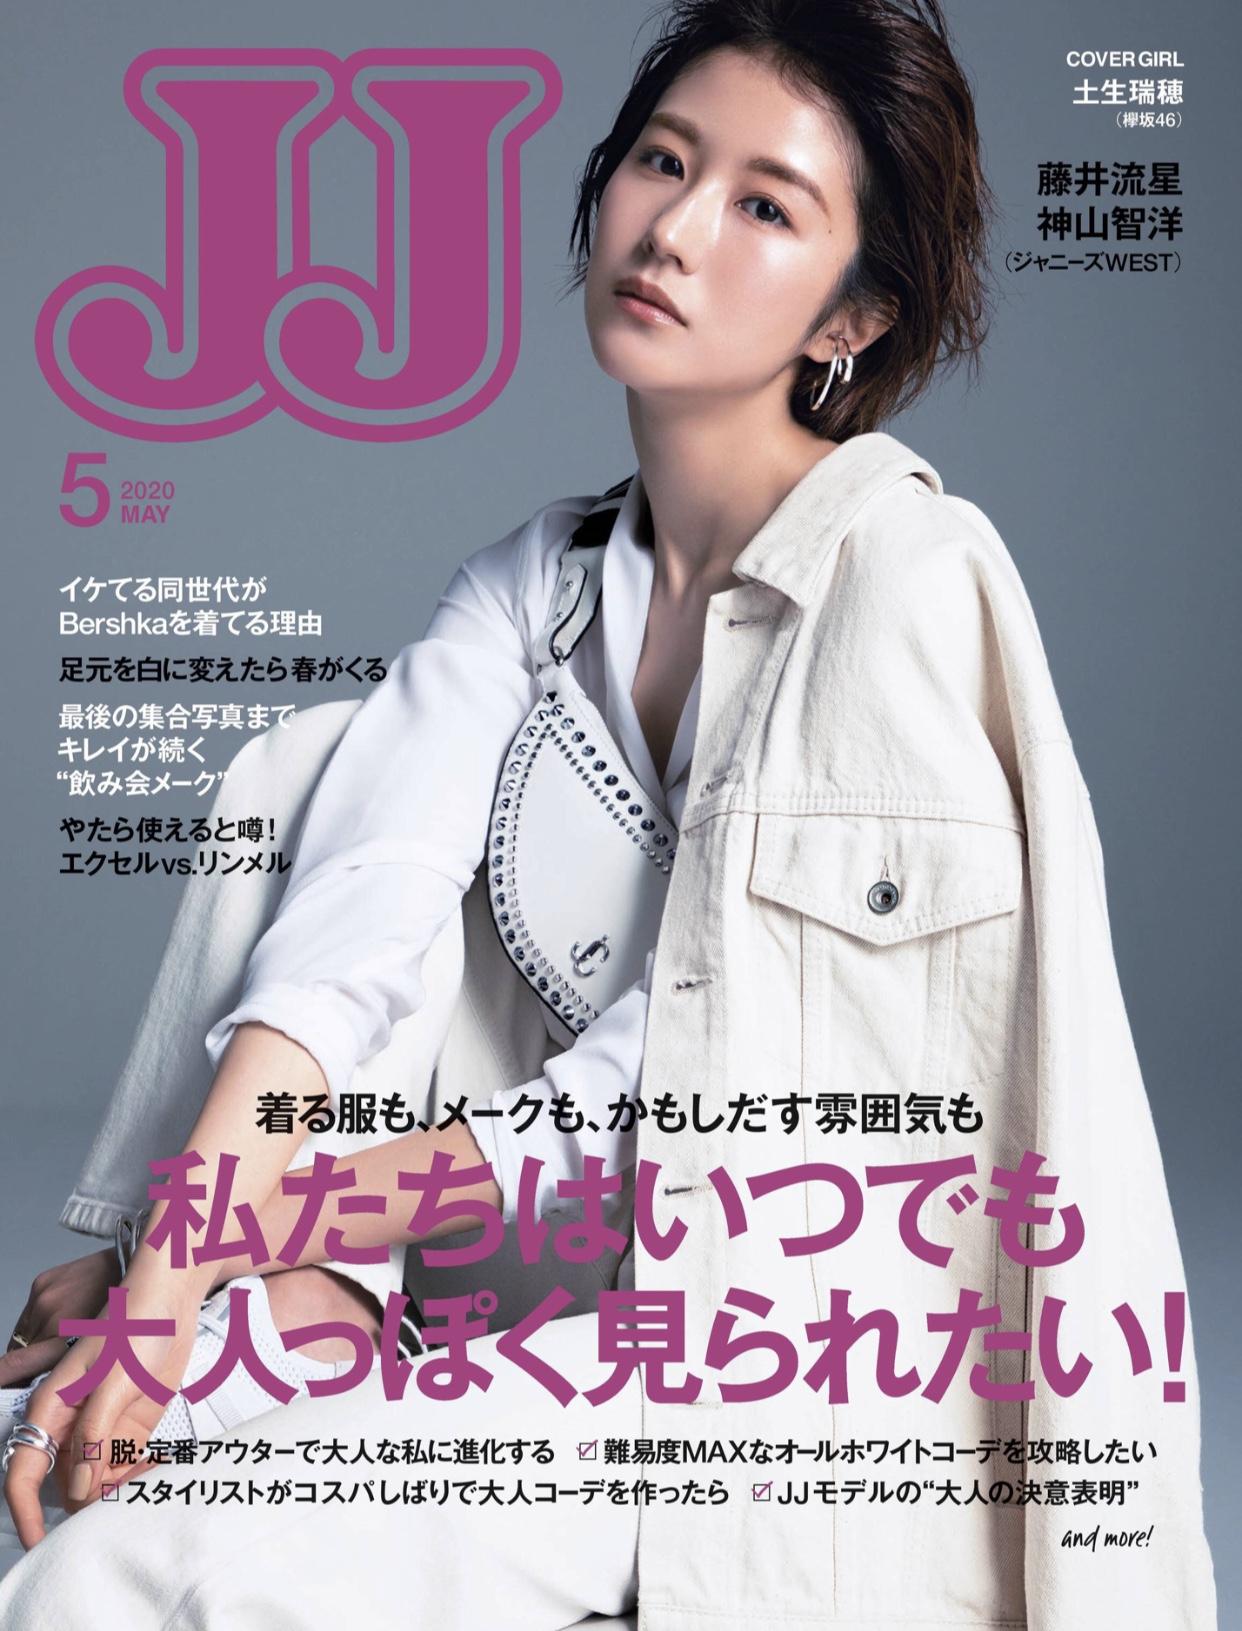 J J 5